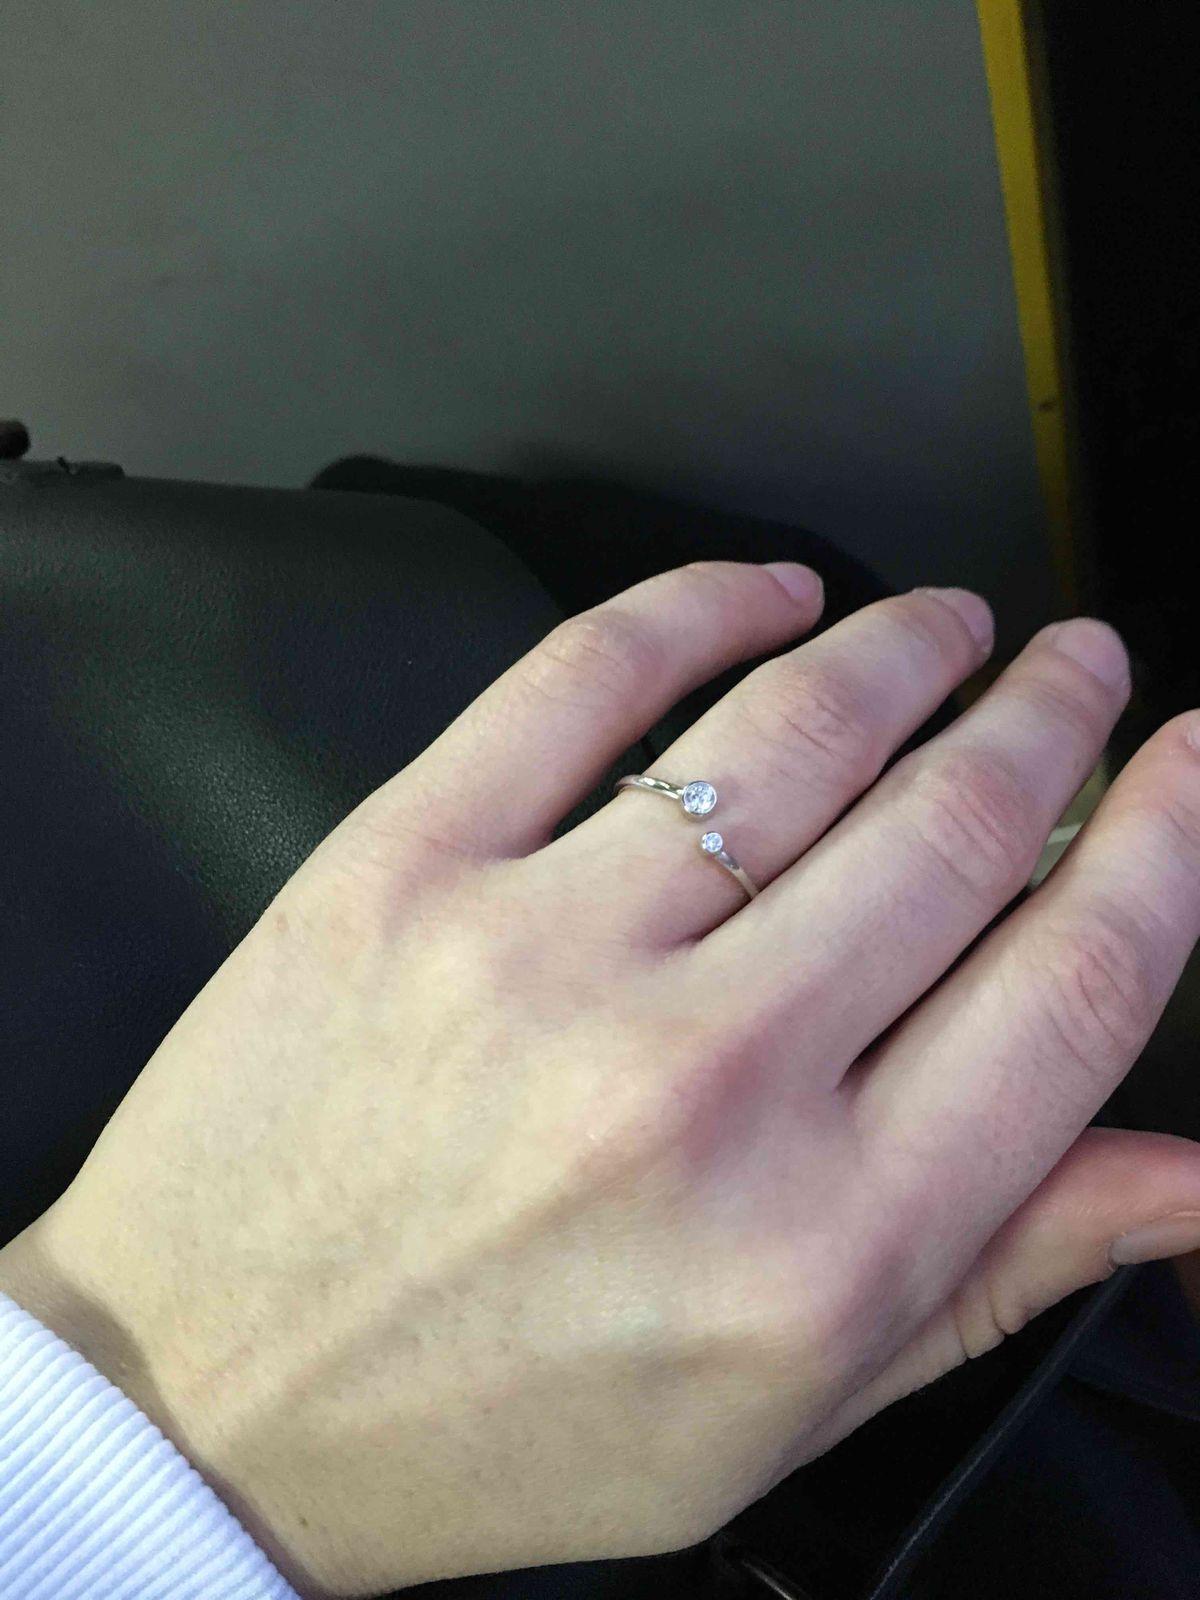 Очень красивое минималистичное колечко! прекрасно смотрится на любом пальце